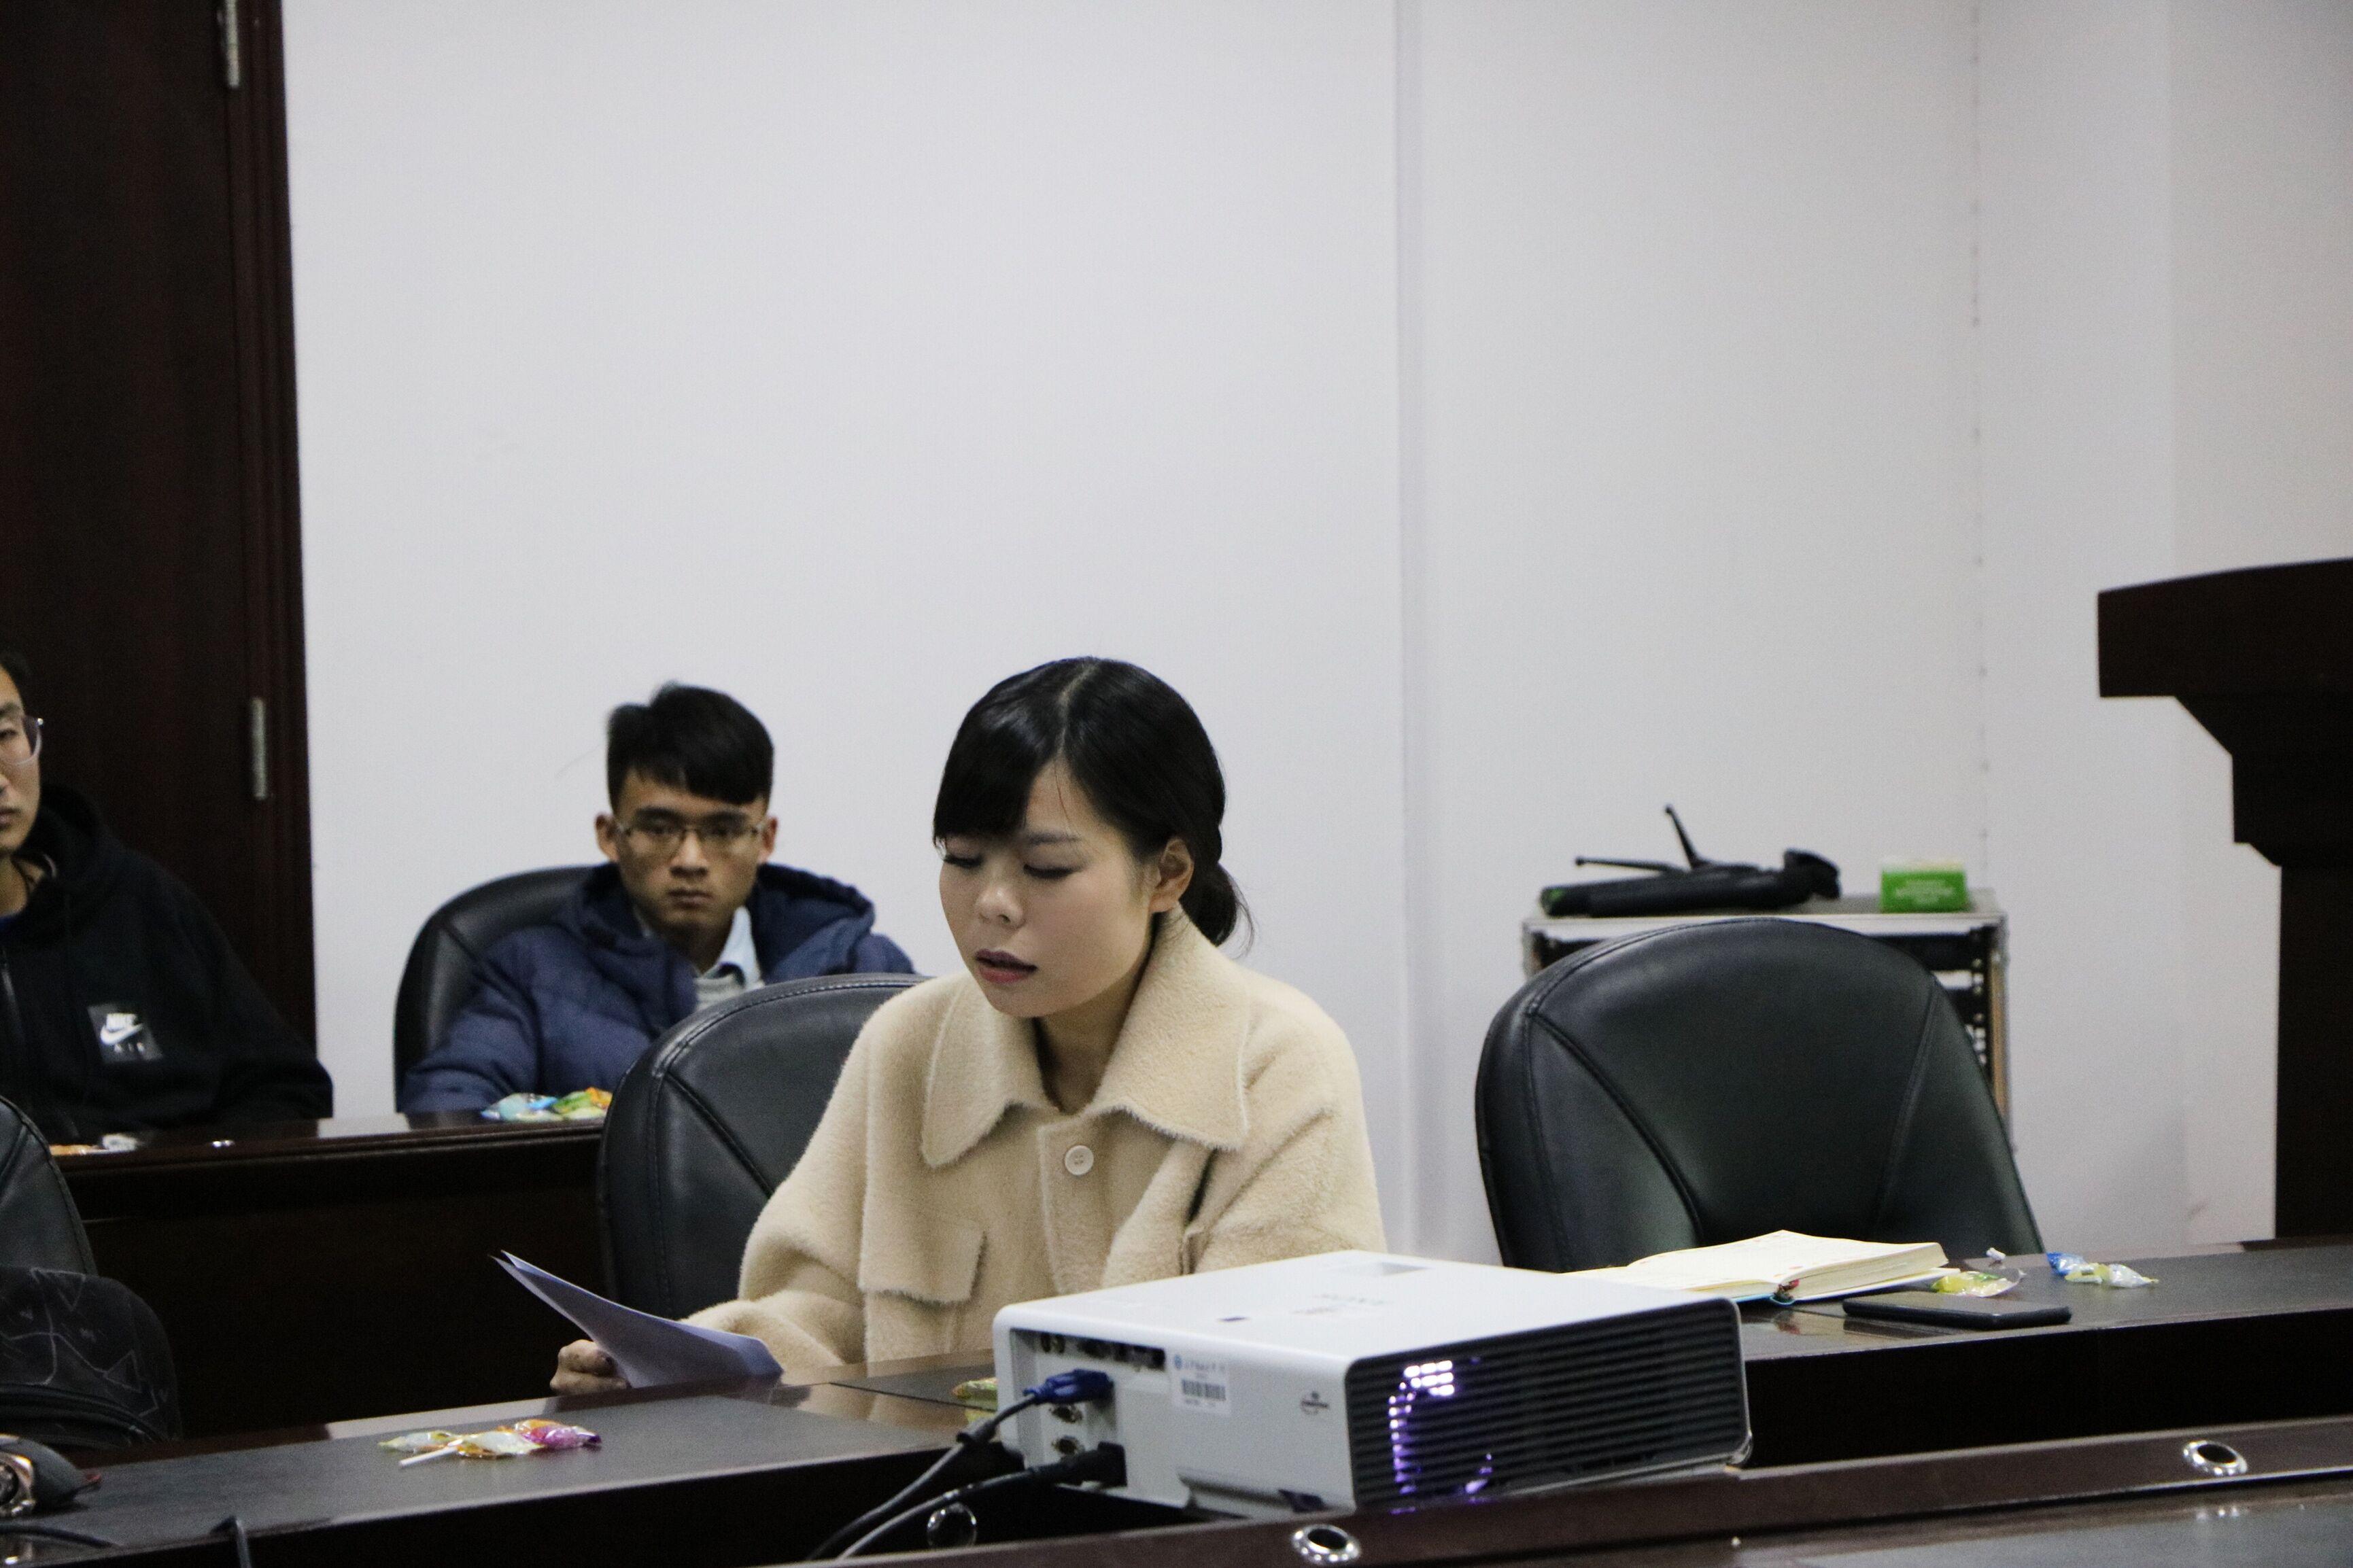 土木工程学院召开学雷锋志愿服务动员会